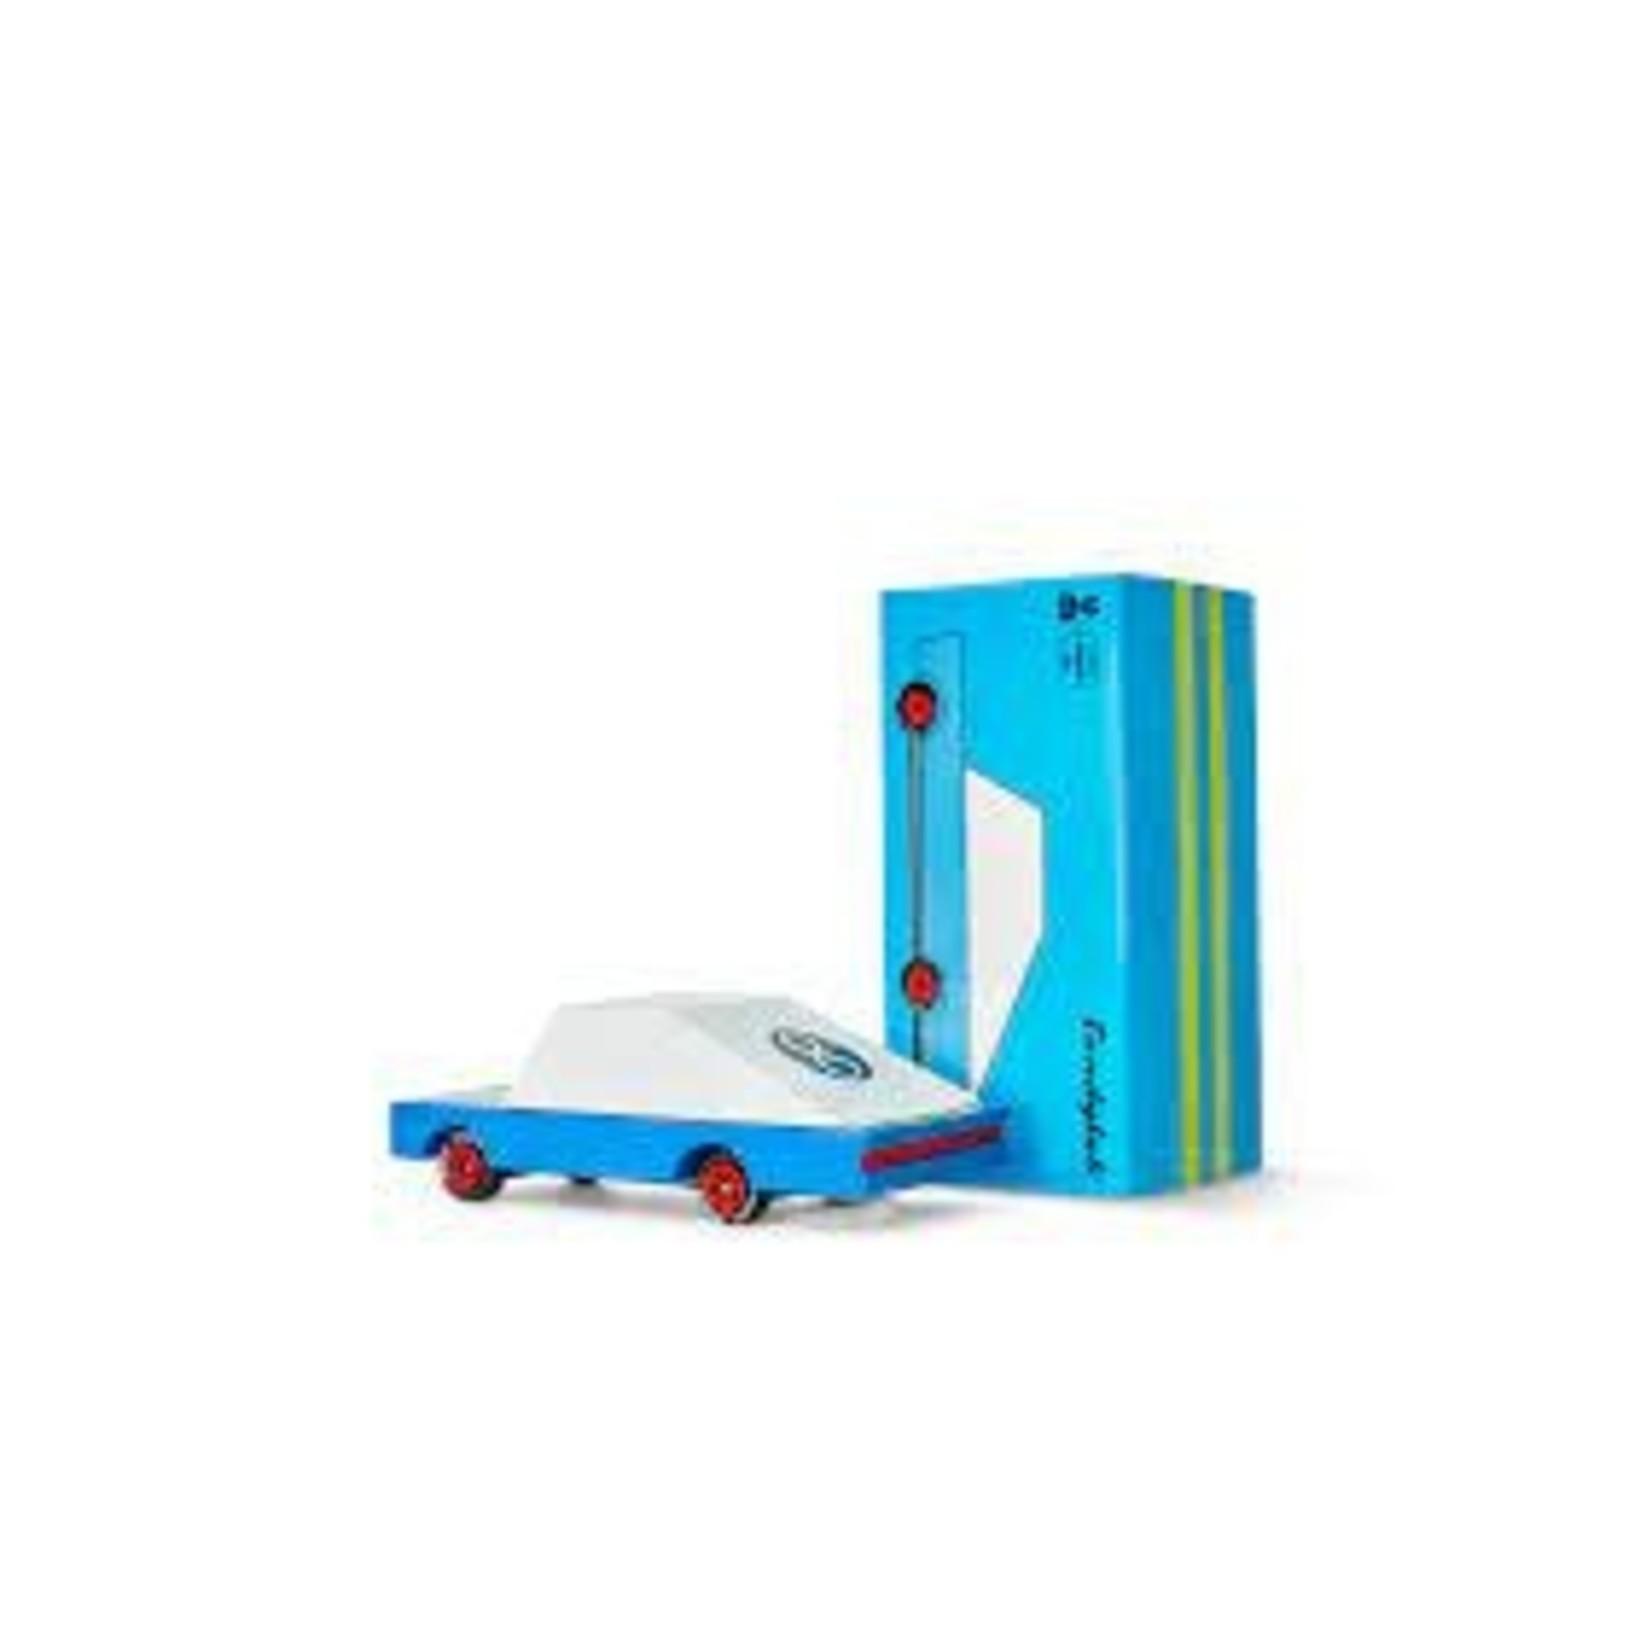 Candylab Toys Blue Racer #8